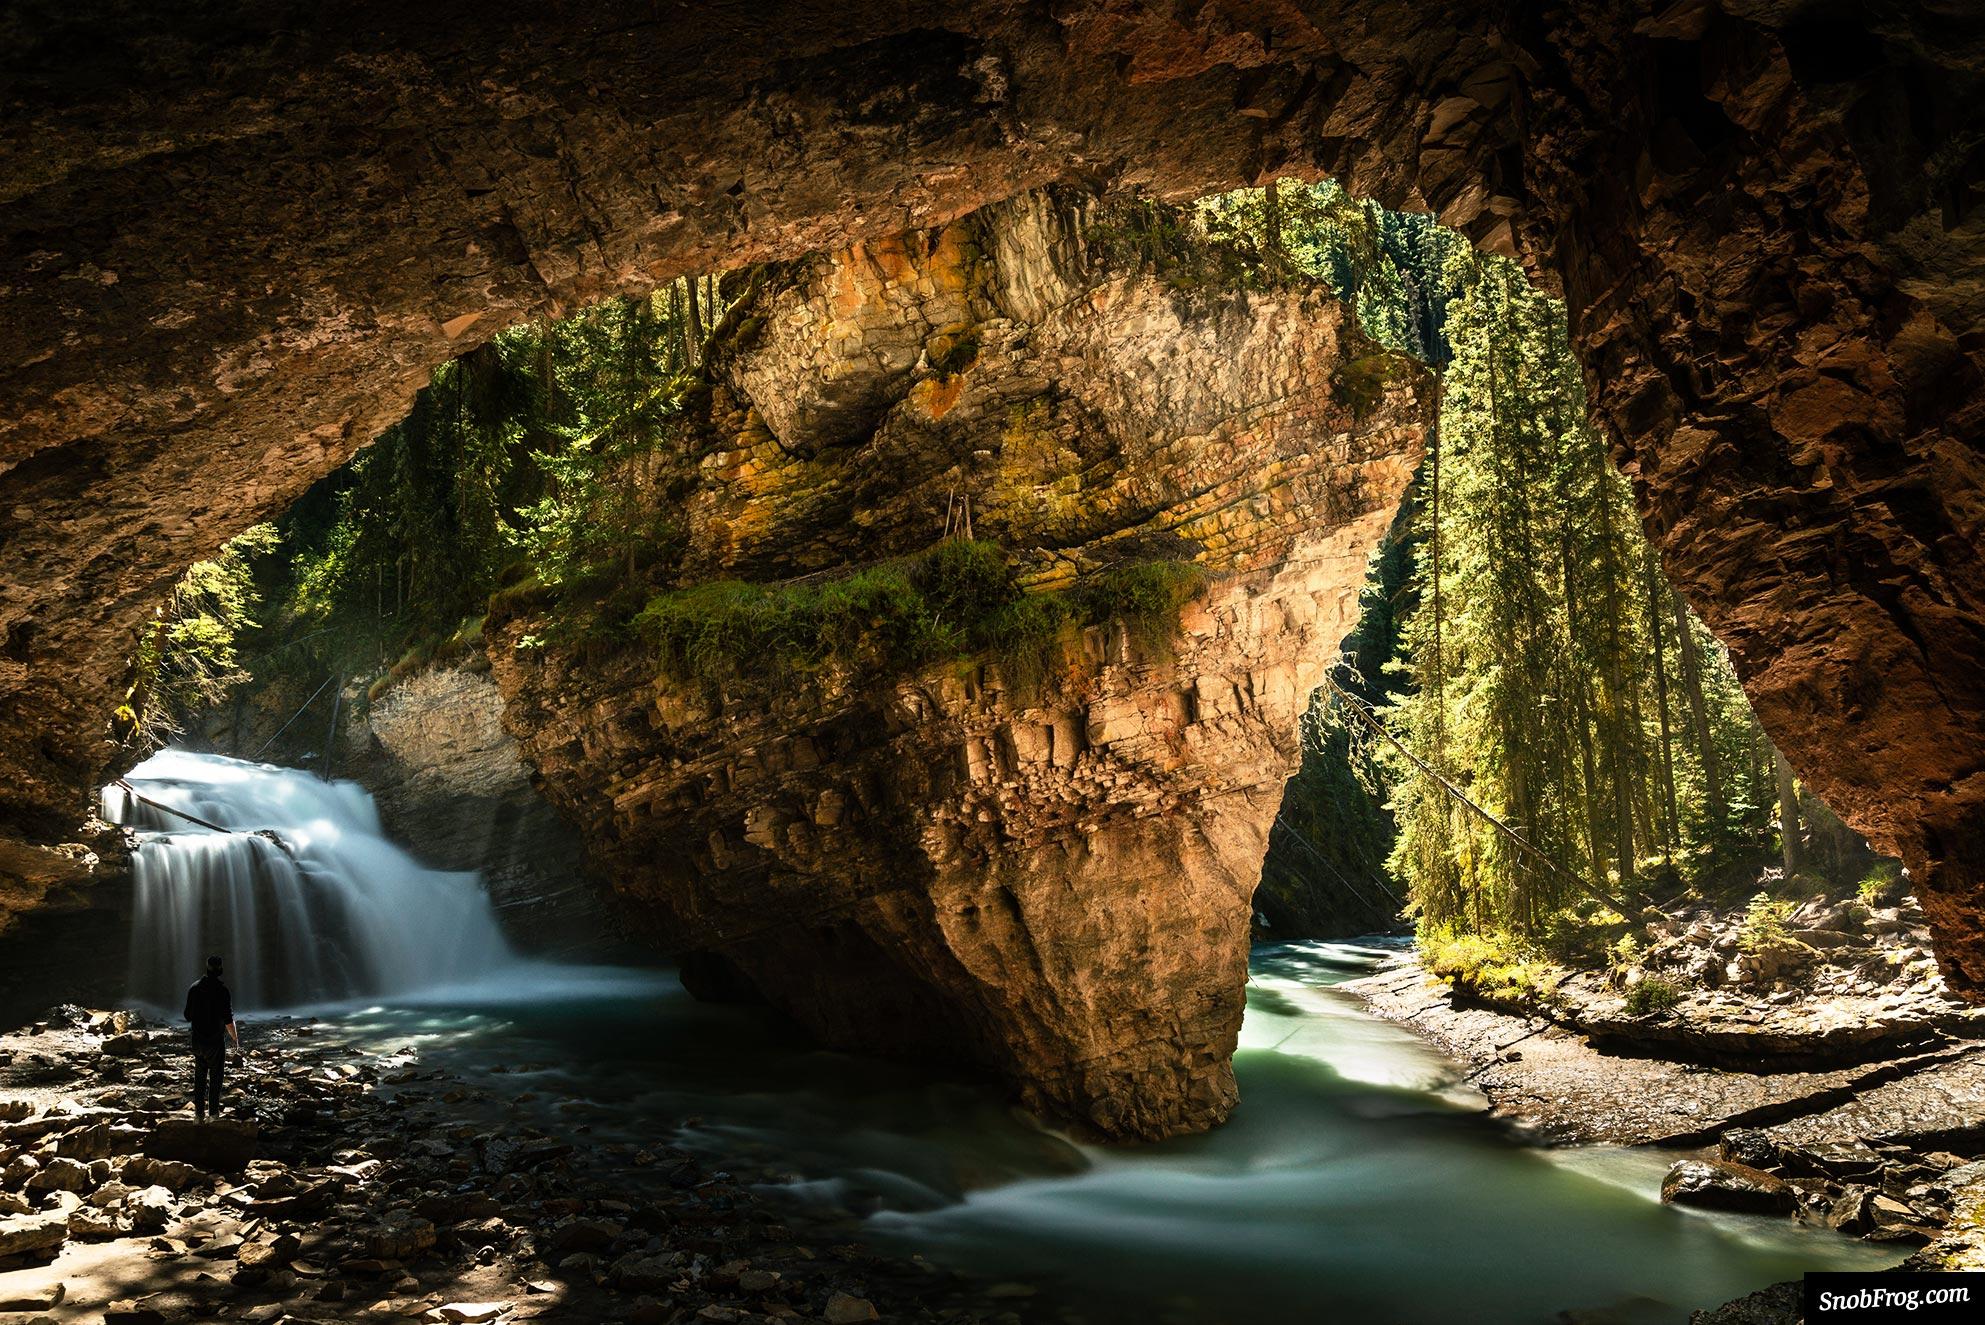 DSC_4331_johnston_canyon_secret_cave